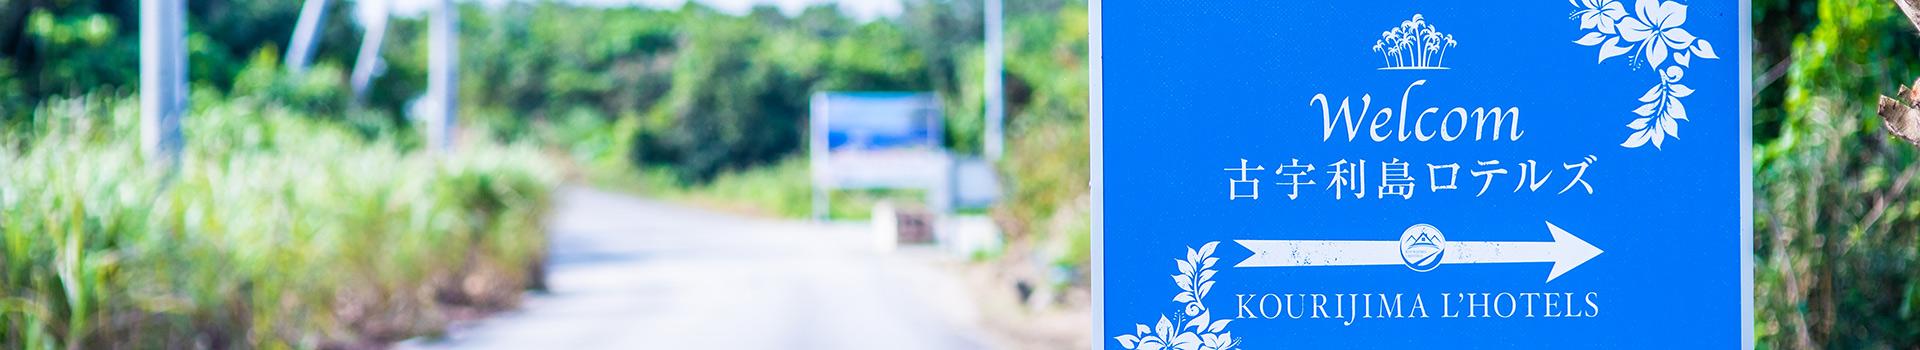 アクセスについて | 沖縄古宇利島 貸別荘ヴィラ宿泊の古宇利島ロテルズ